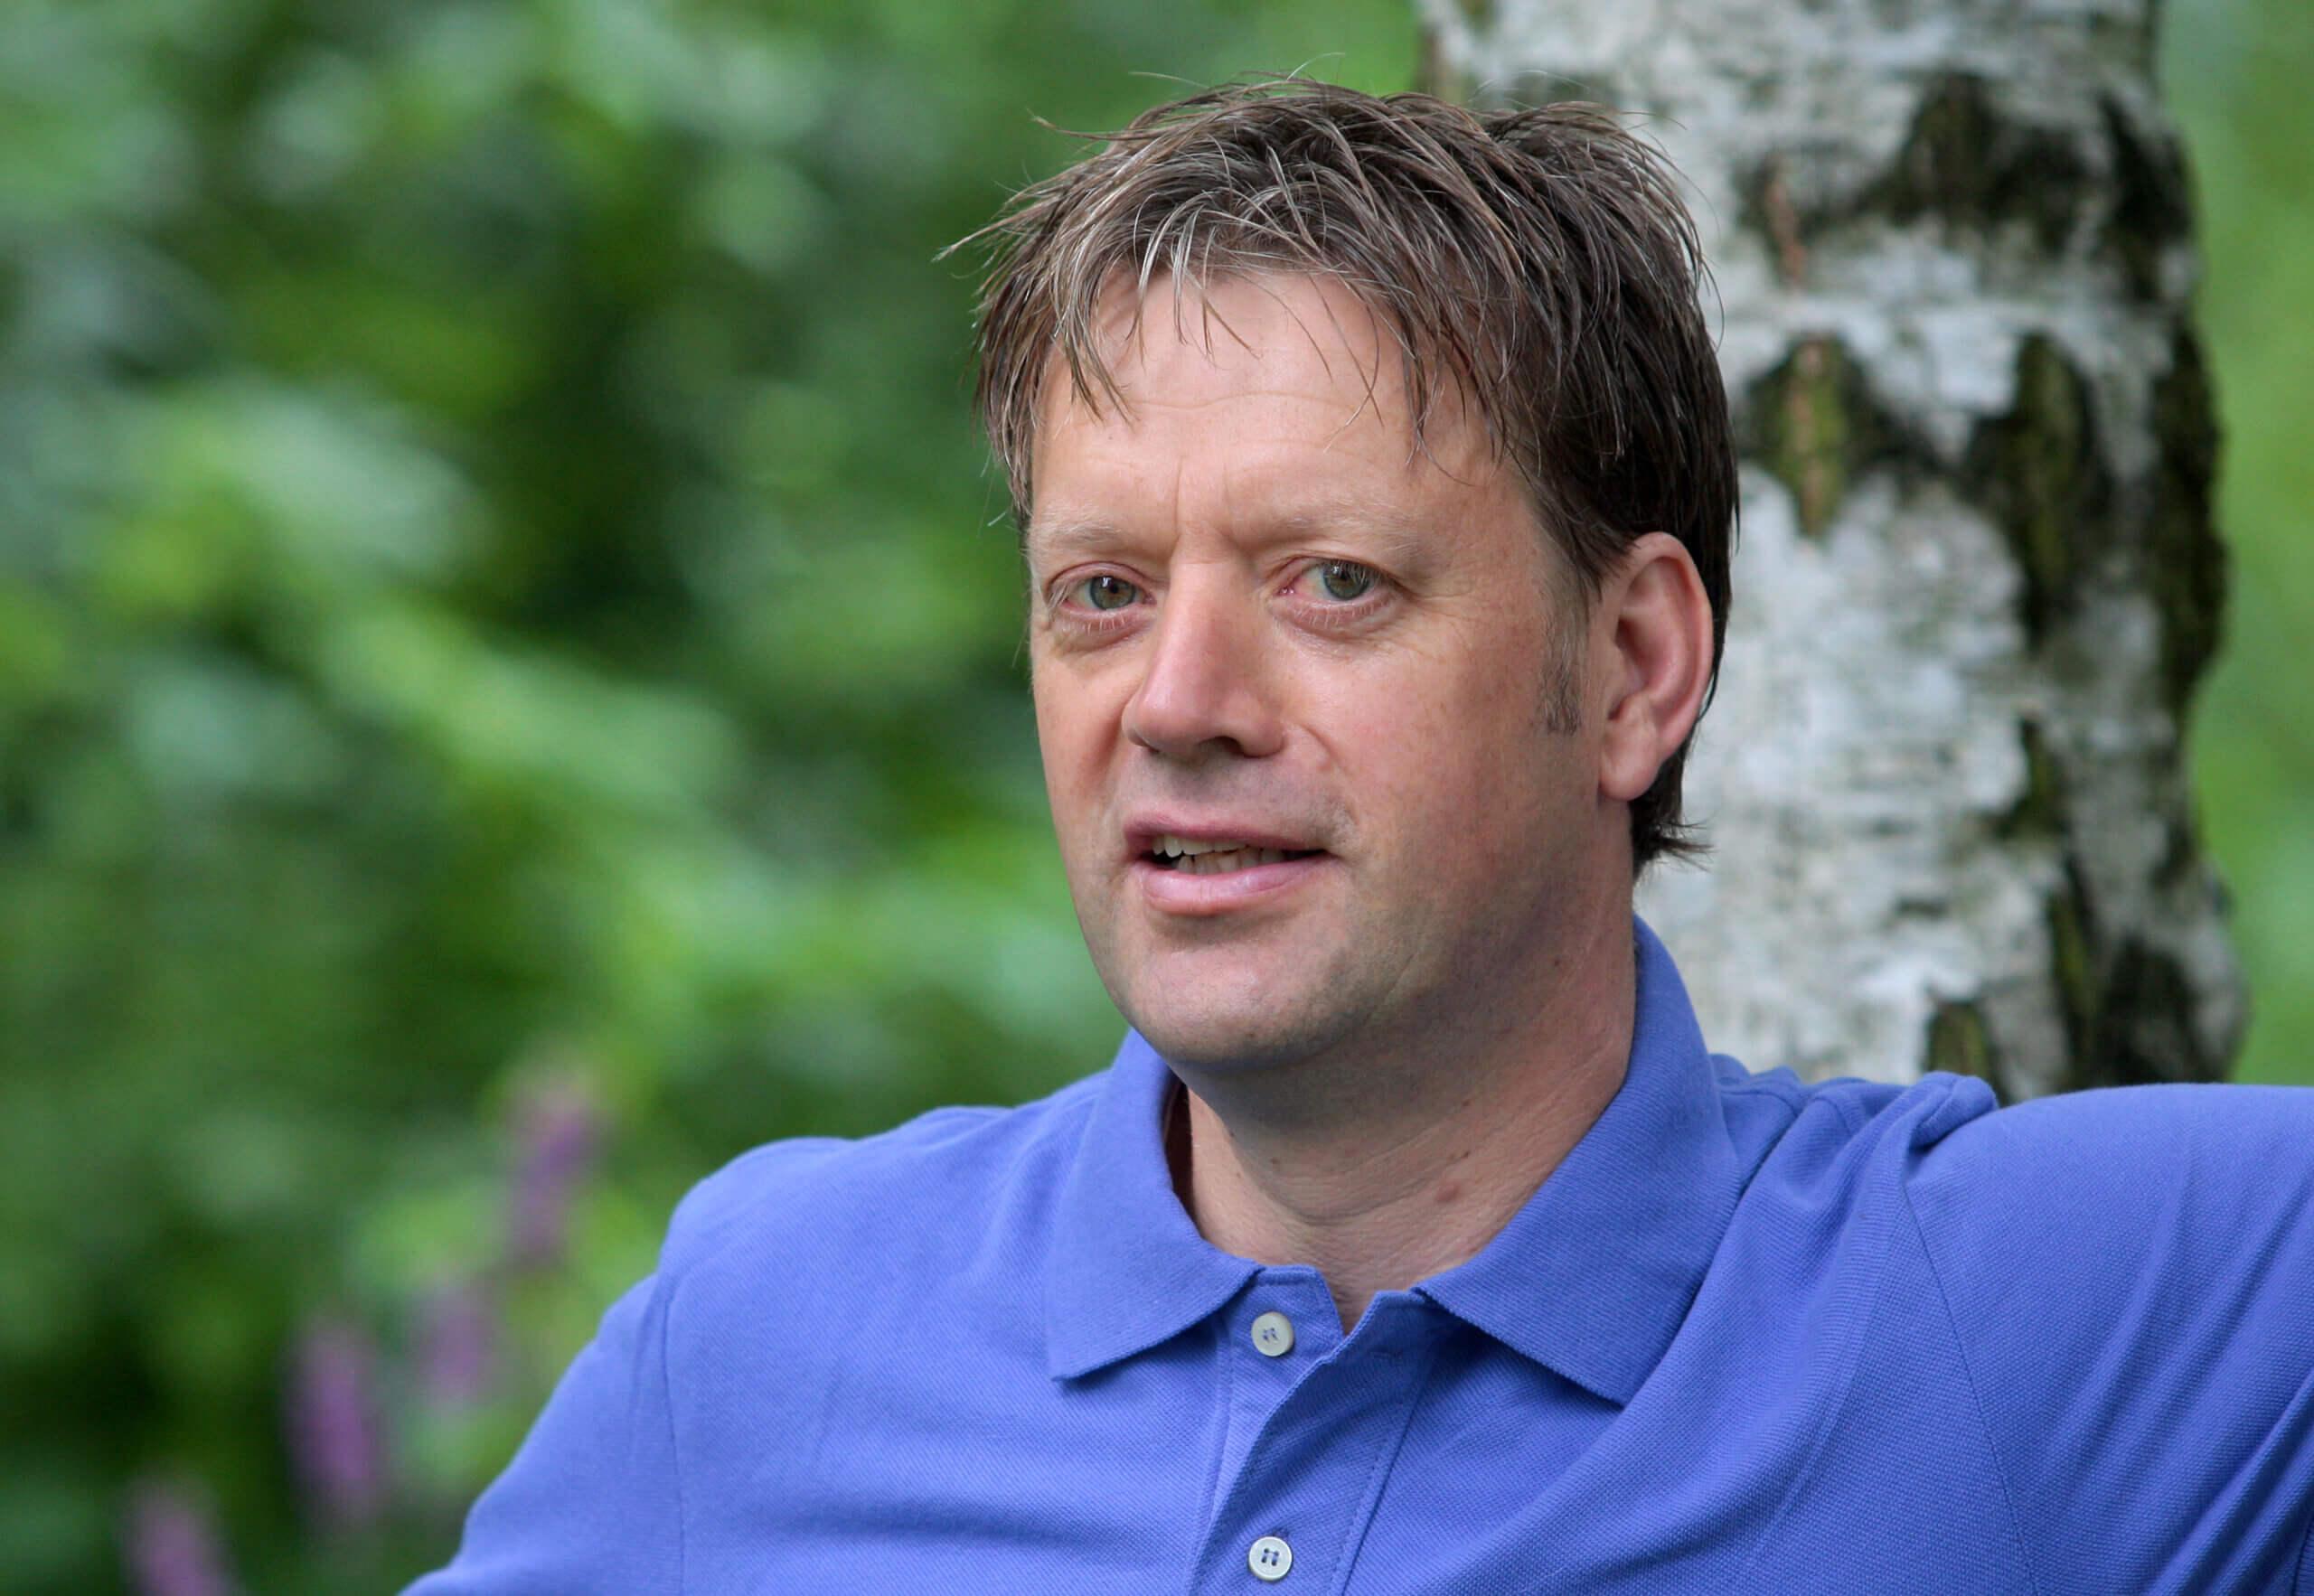 Arjen Wals